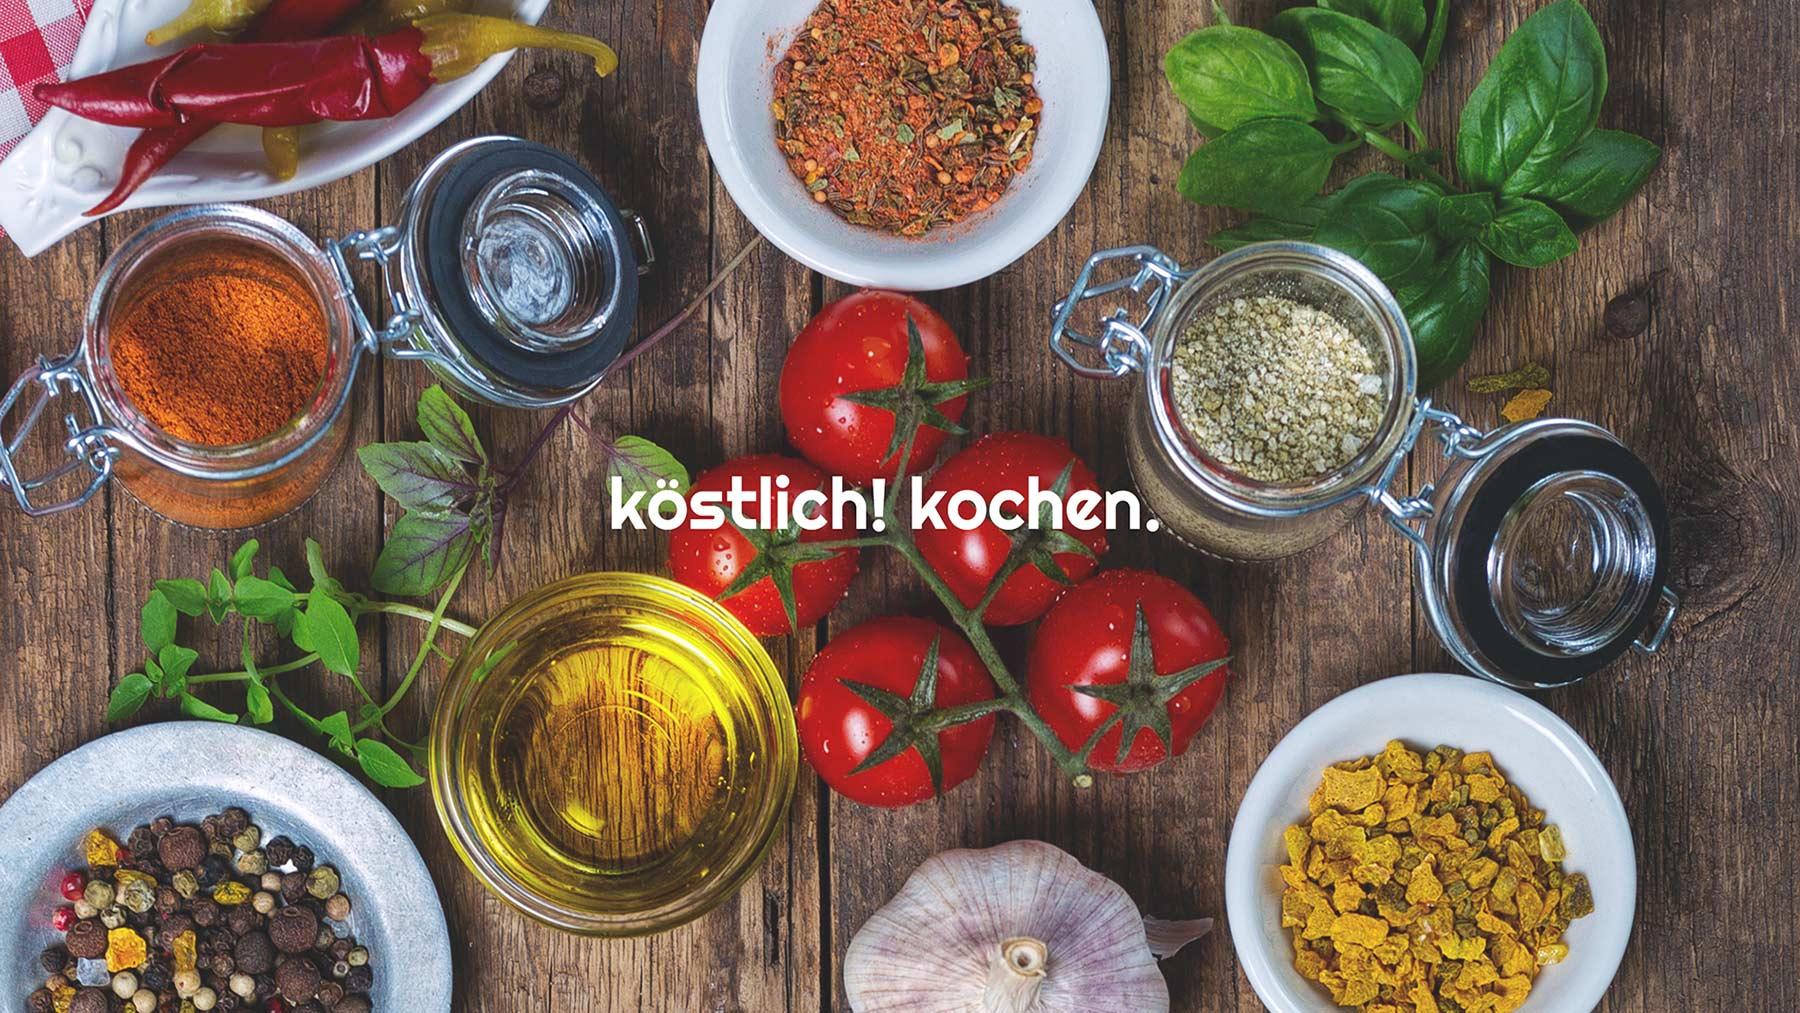 koestlich-kochen